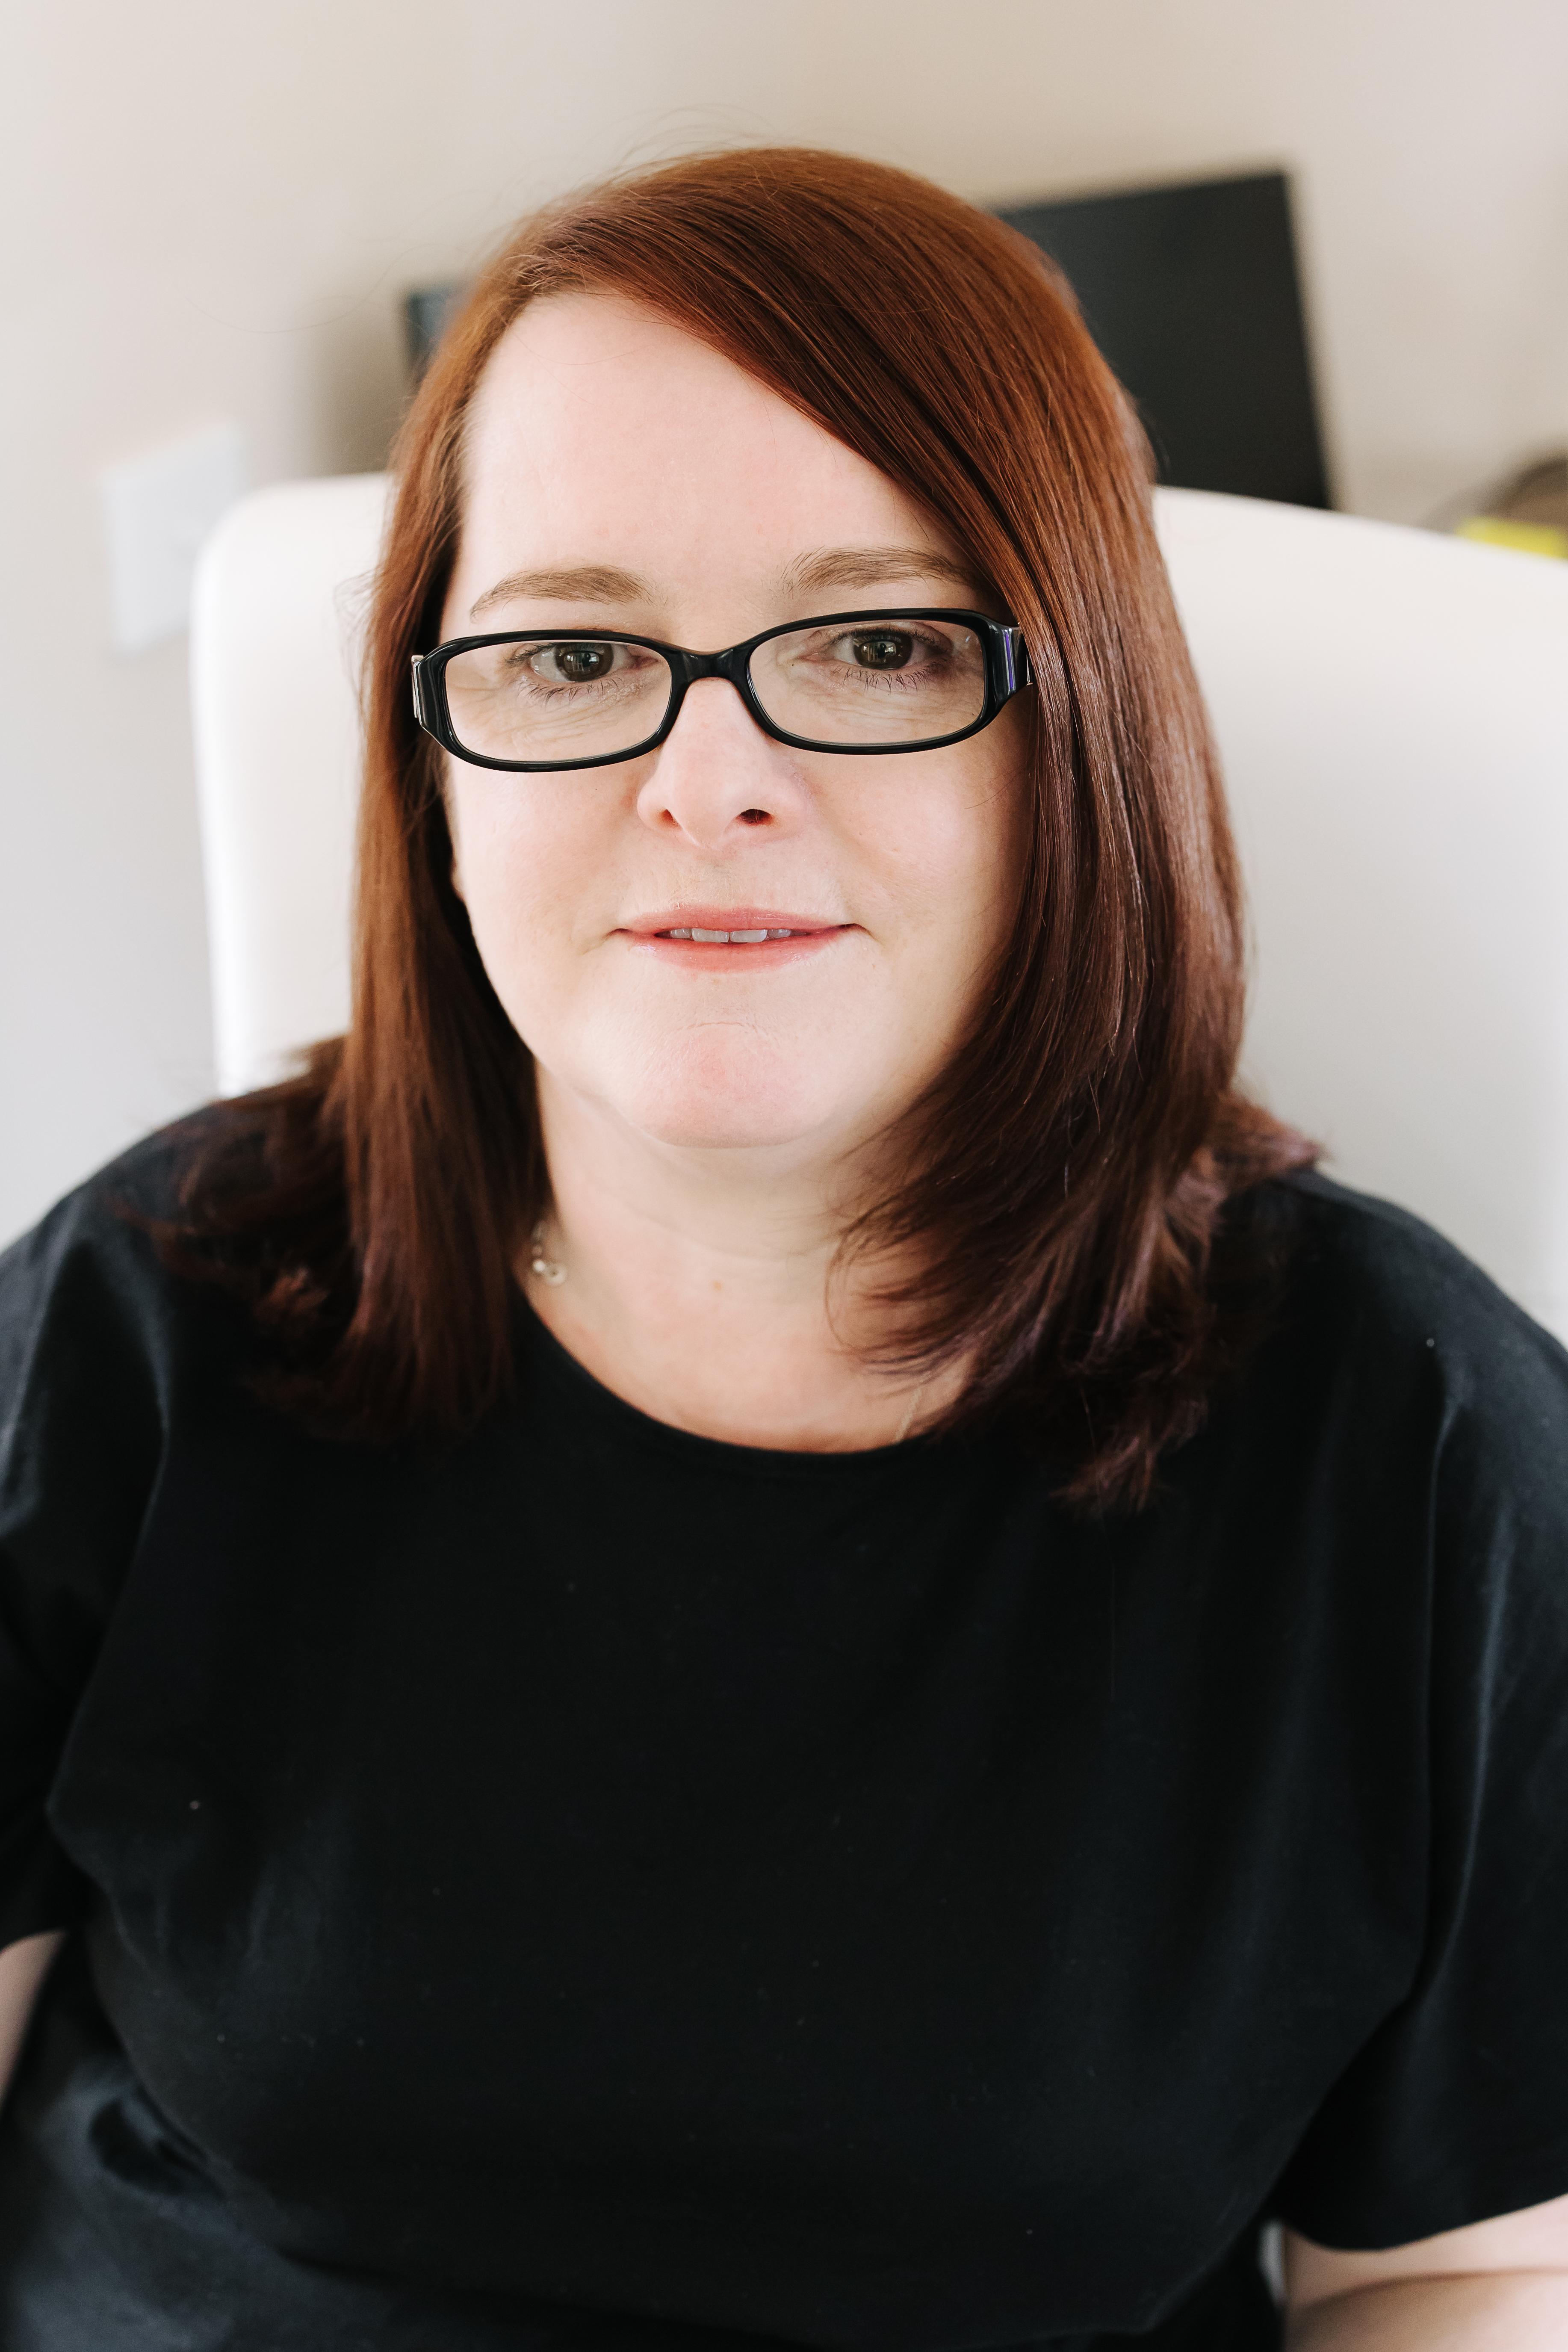 Profile picture of Cathy Daniel